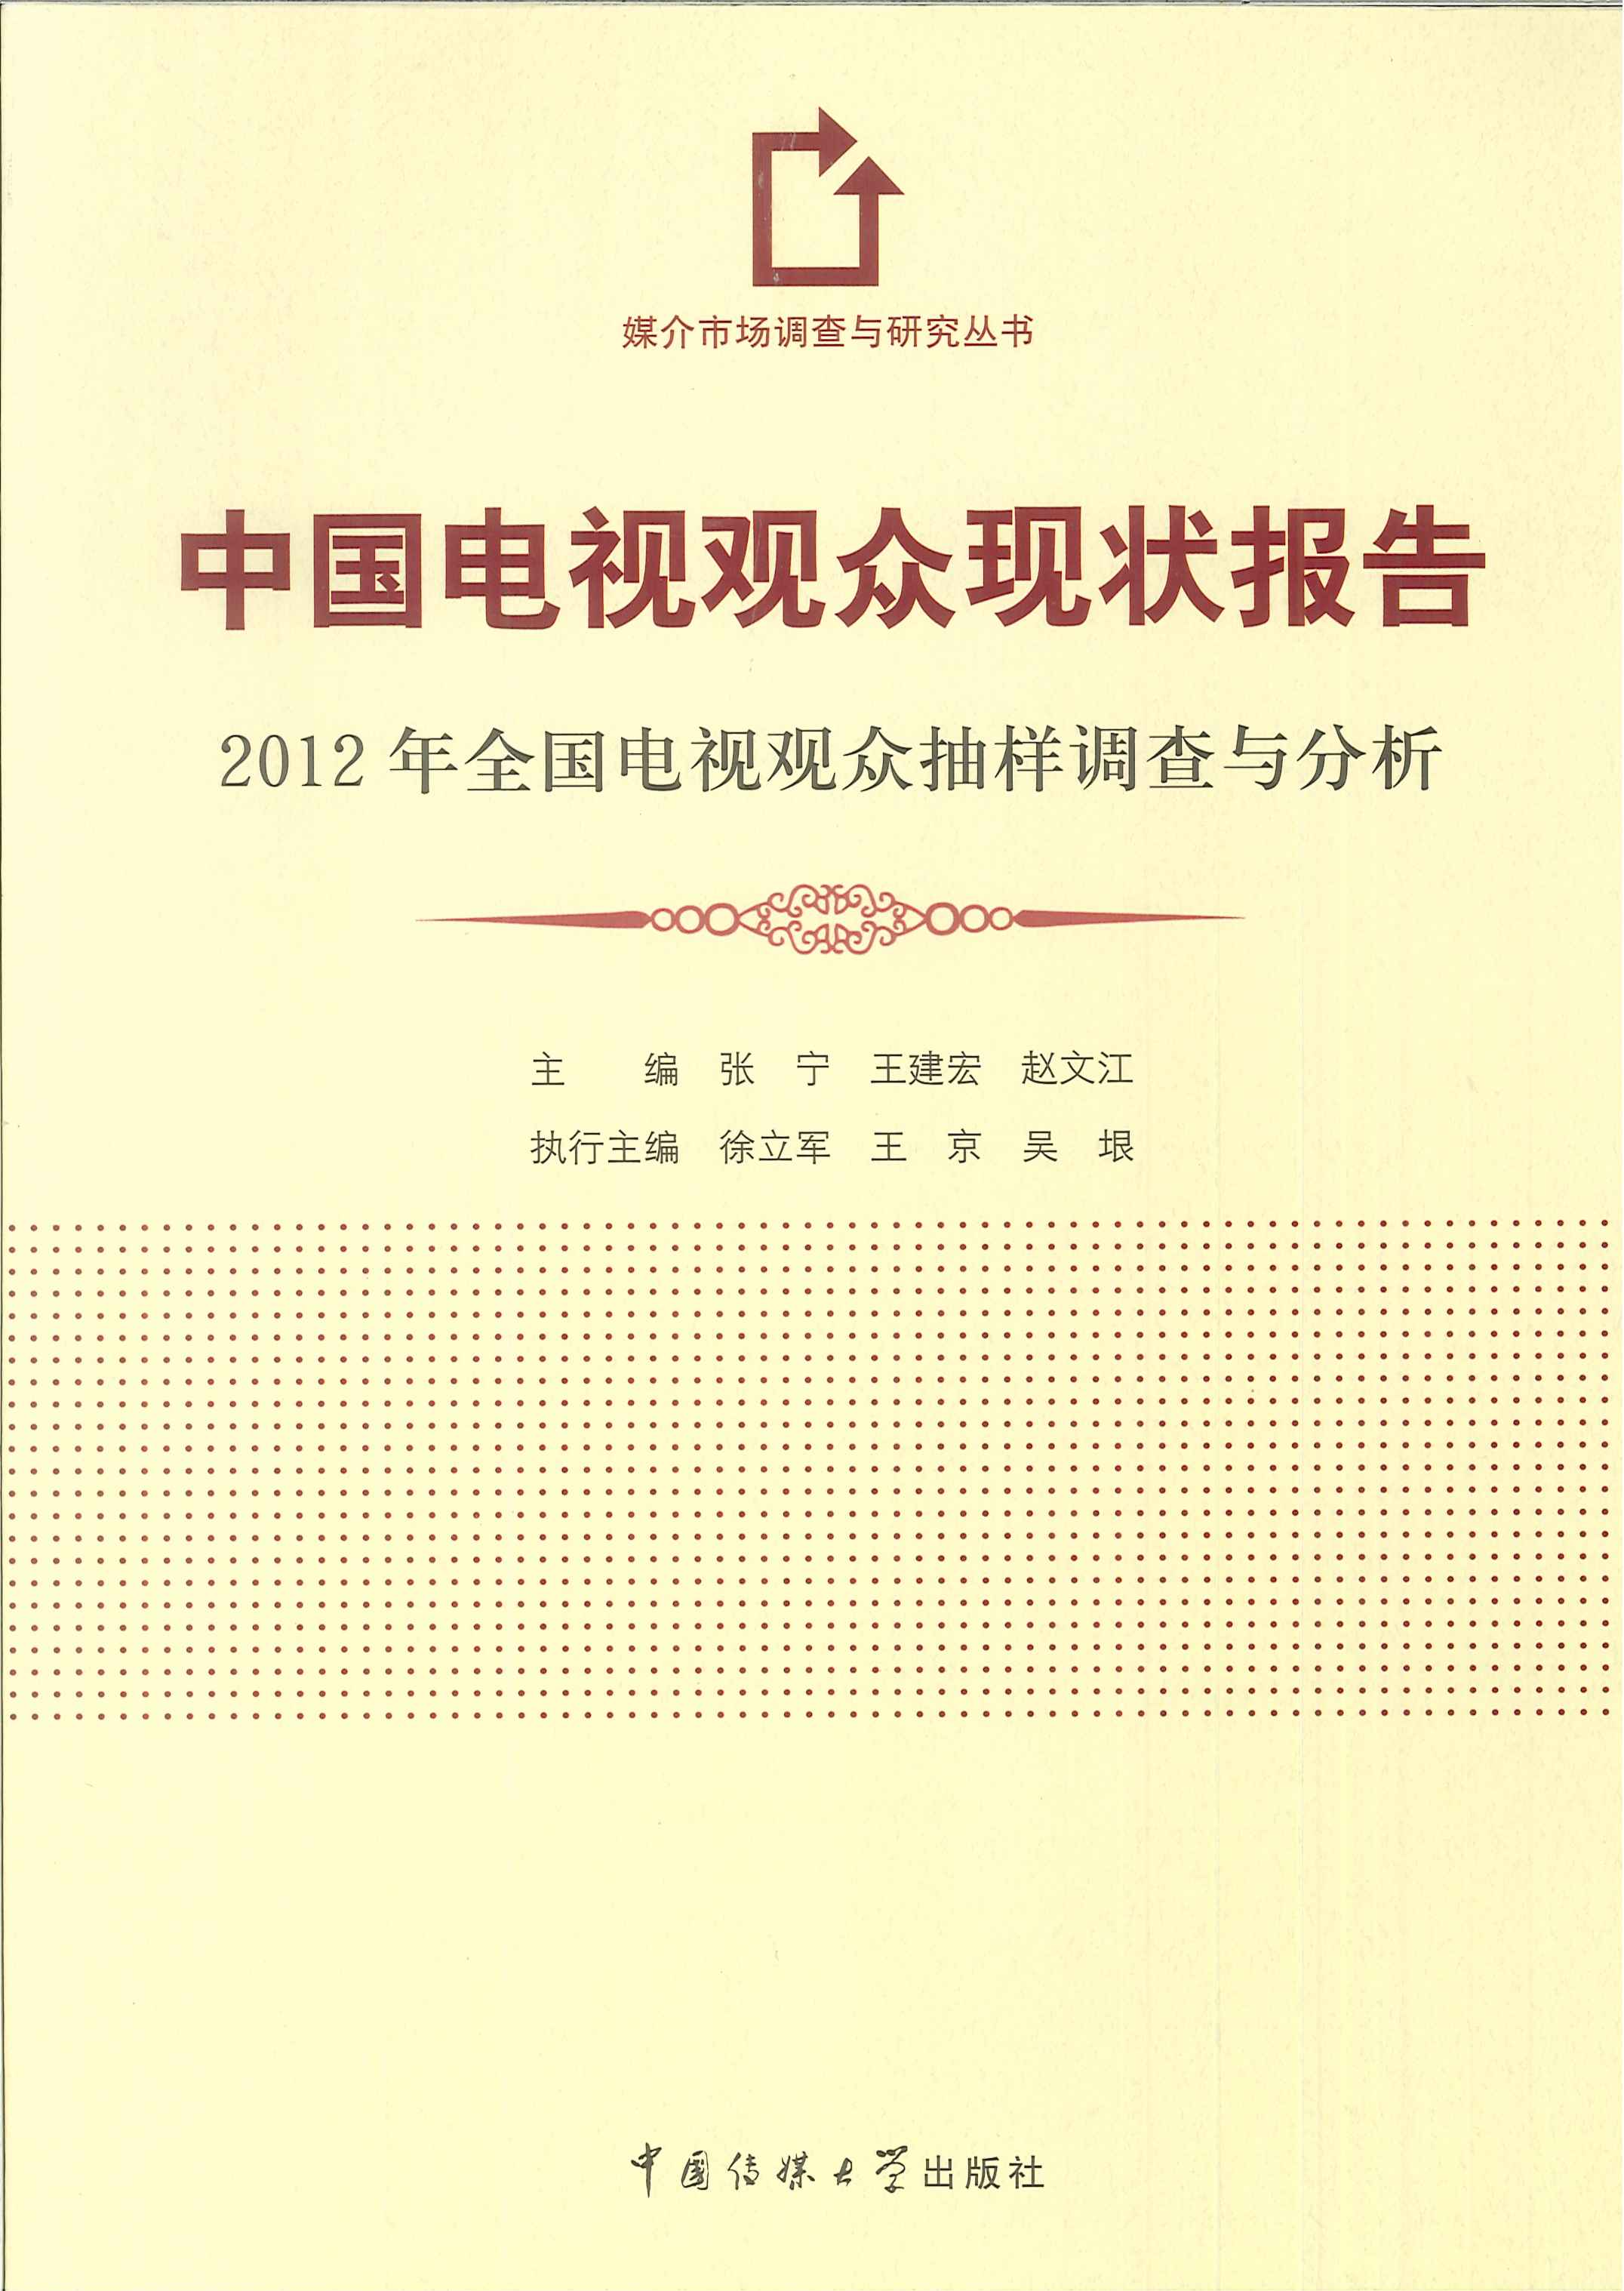 中国电视观众现状报告:2012年全国电视观众抽样调查与分析